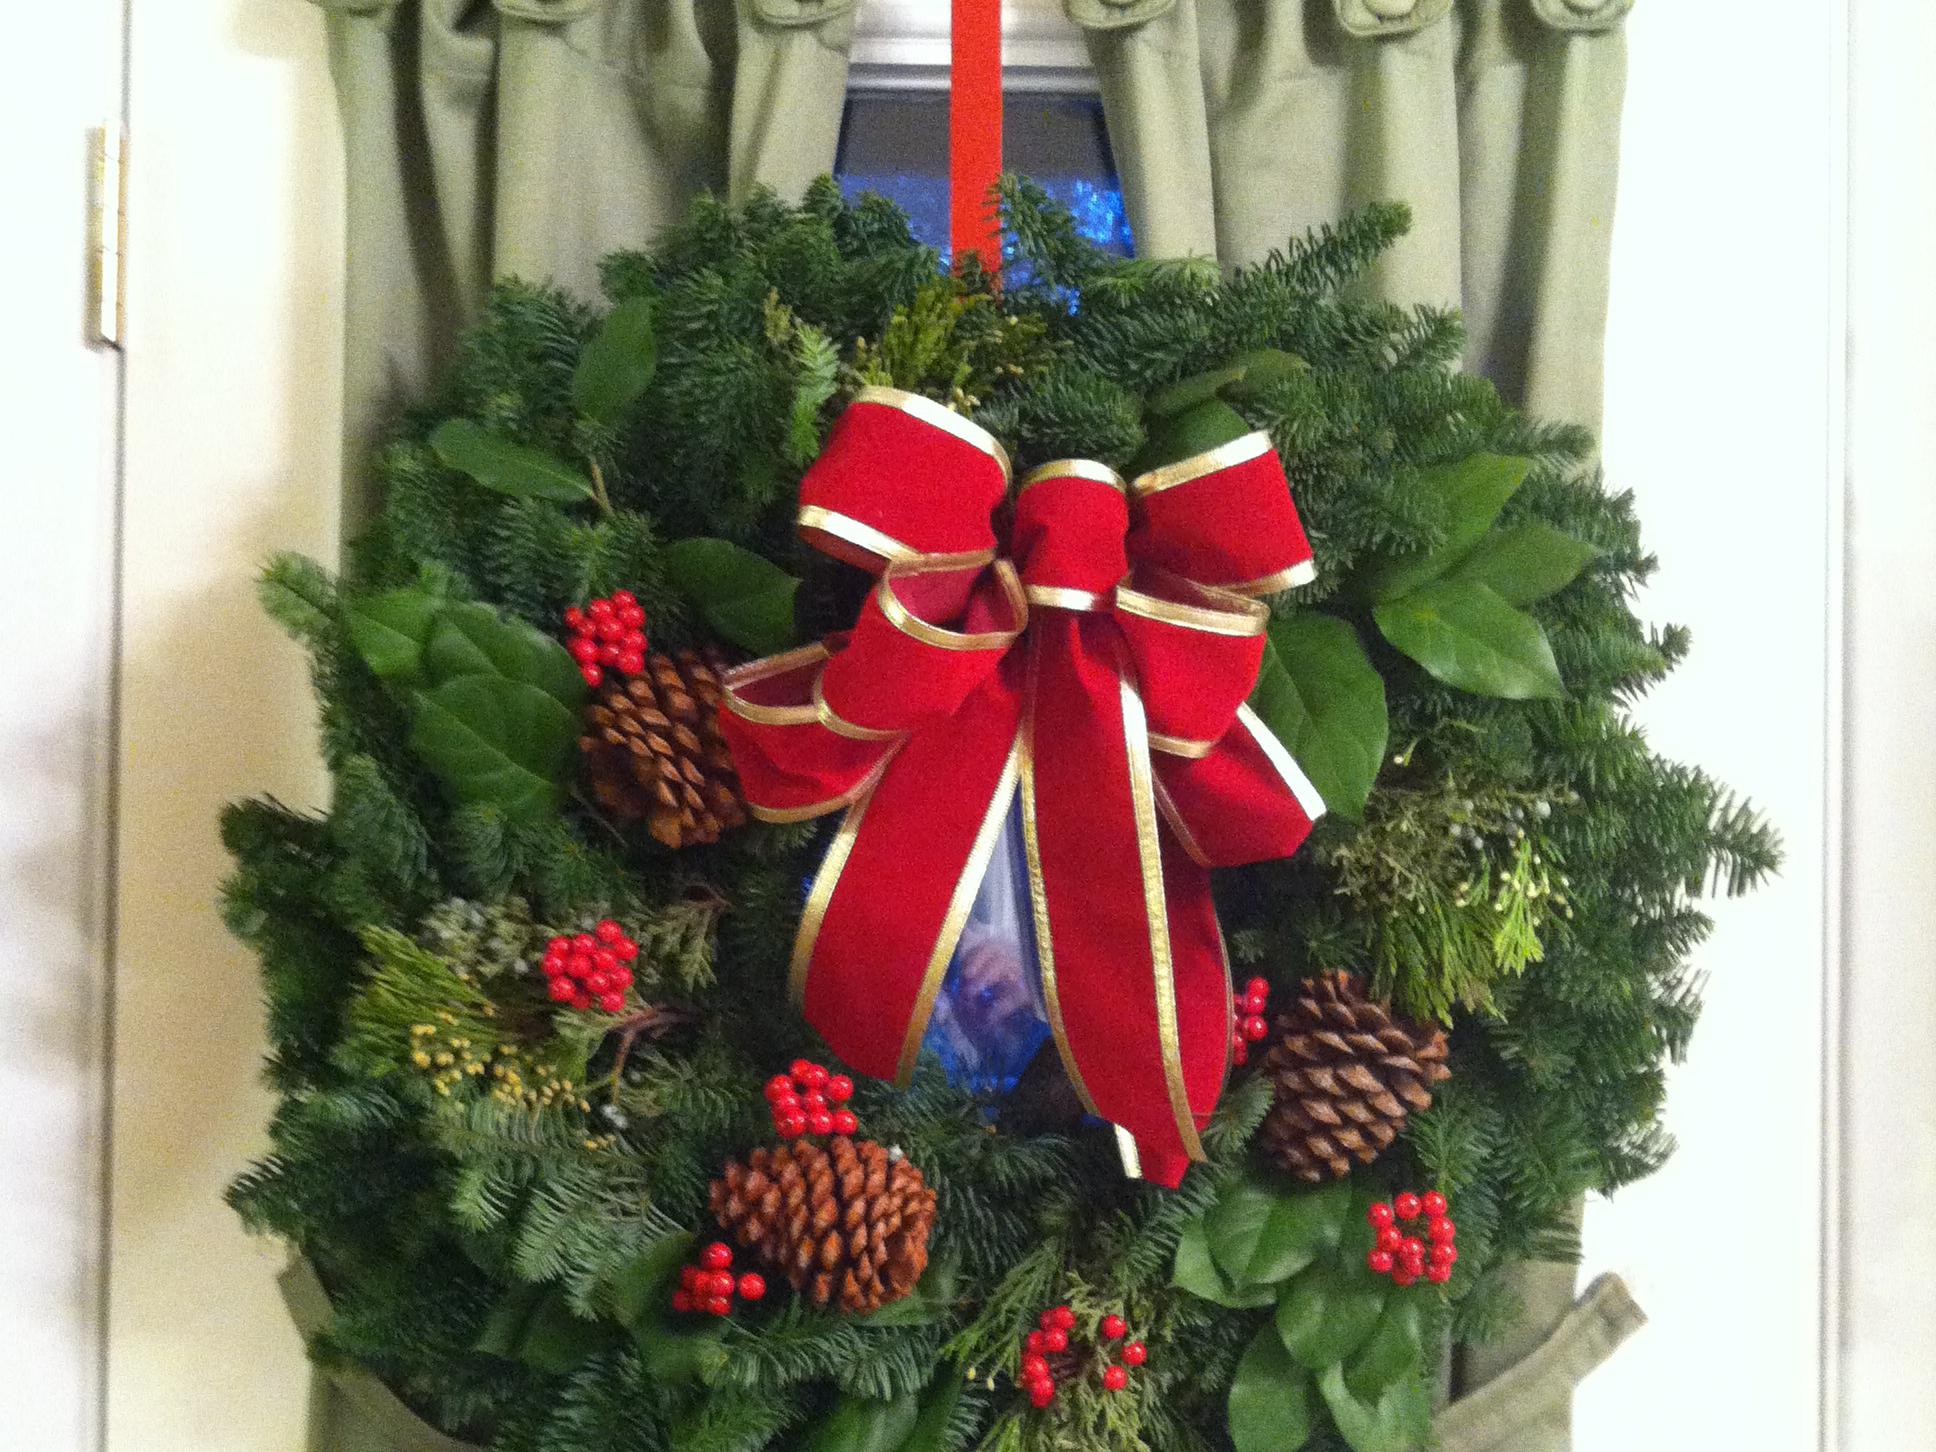 LeRoy Botts Fiorito Post #576 Holiday Fundraising